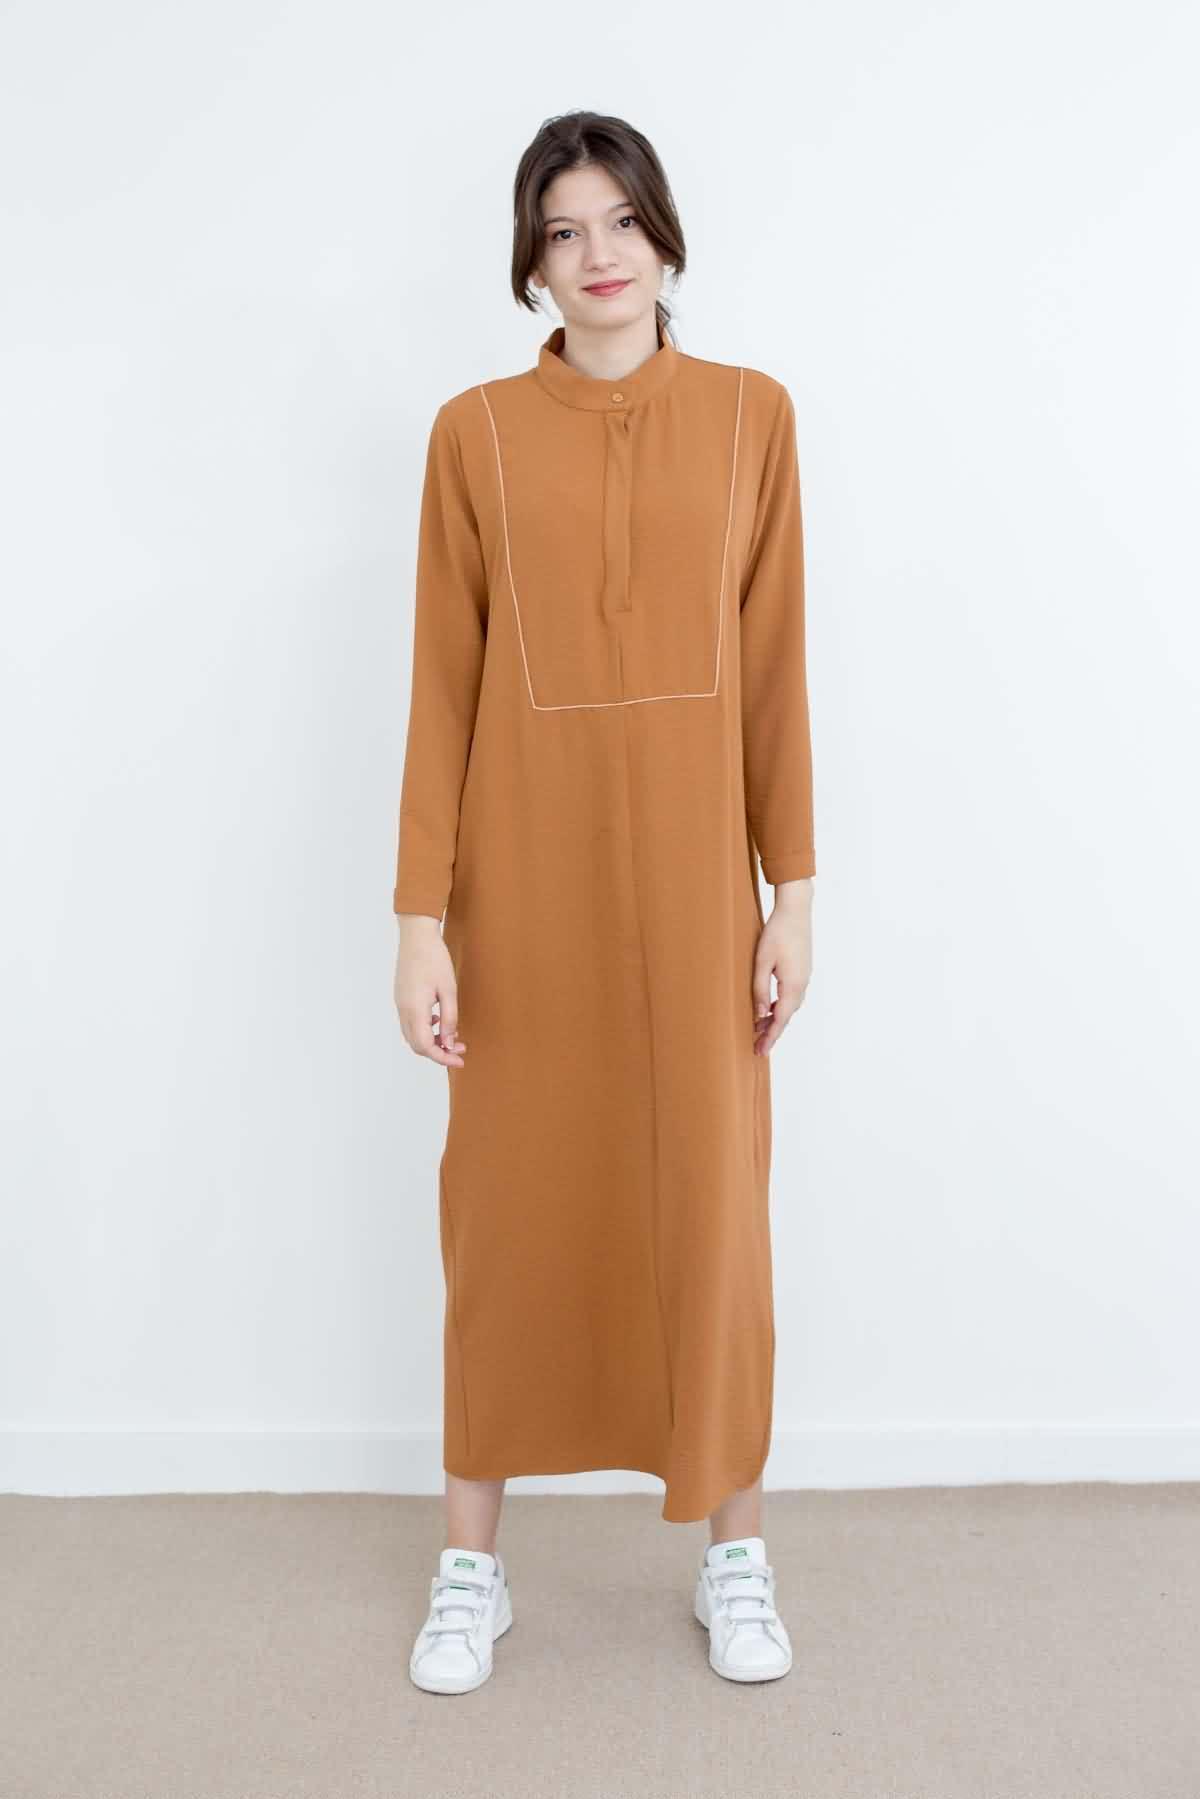 Mevra - Basıc Biyeli Elbise Toffee